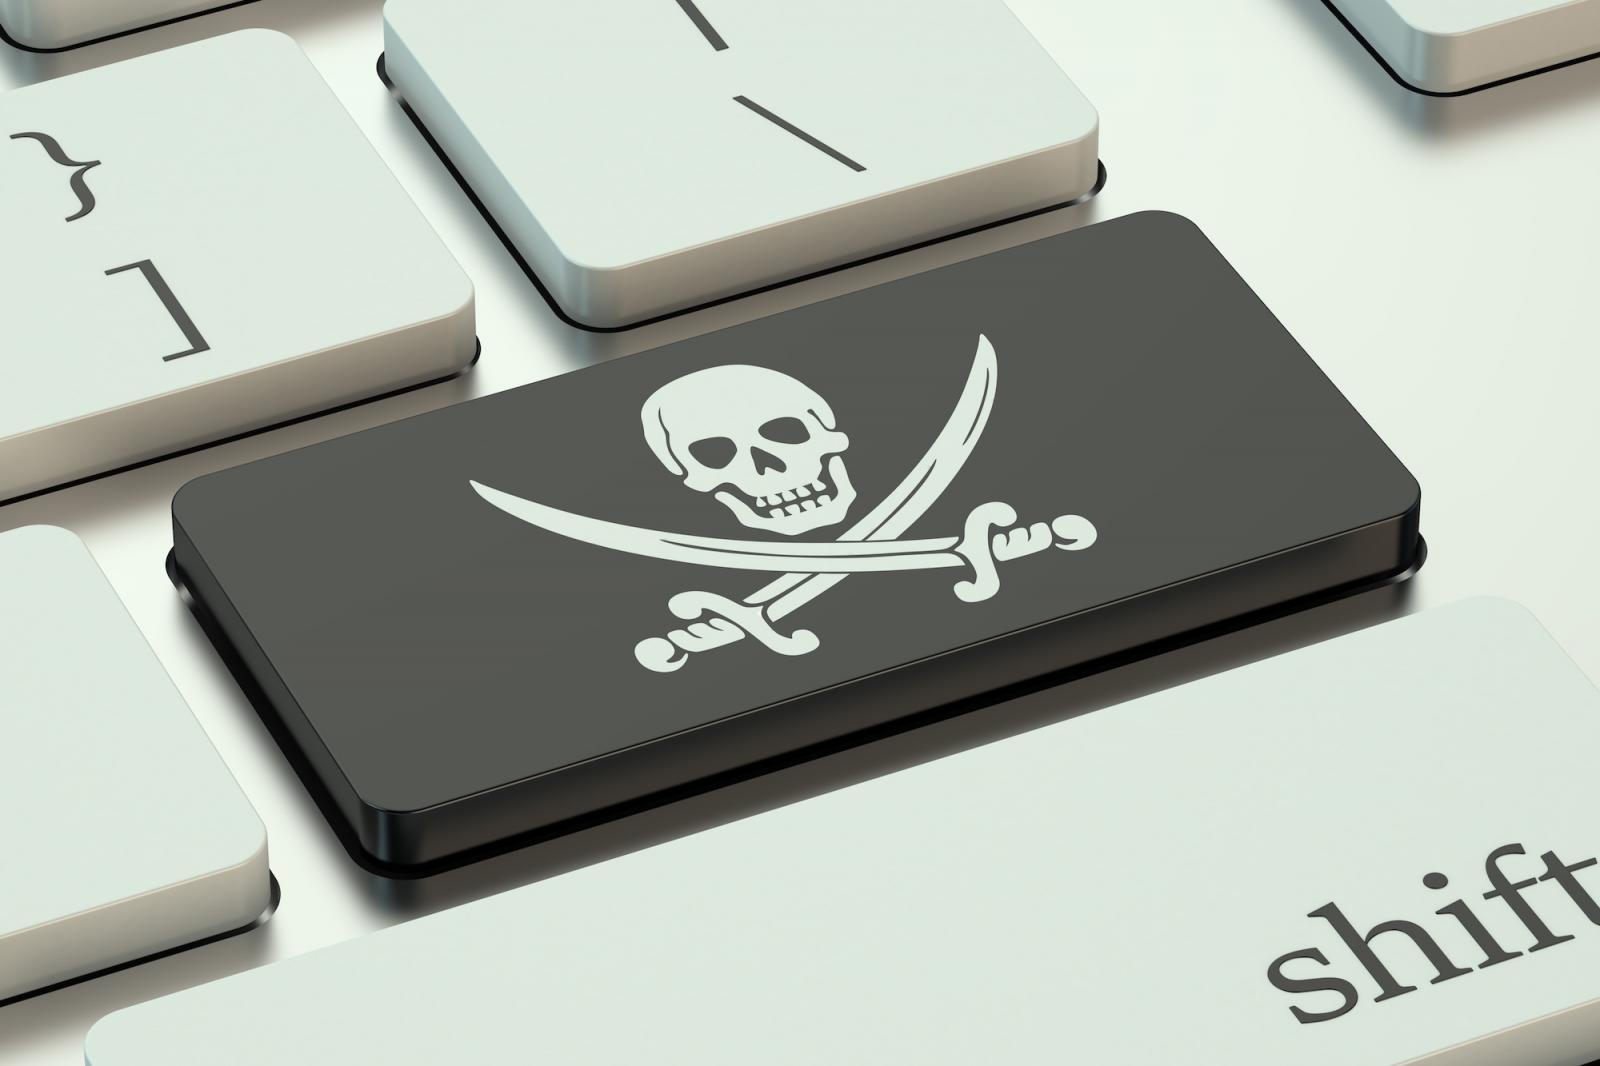 Rambler Group усиливает борьбу с пиратством